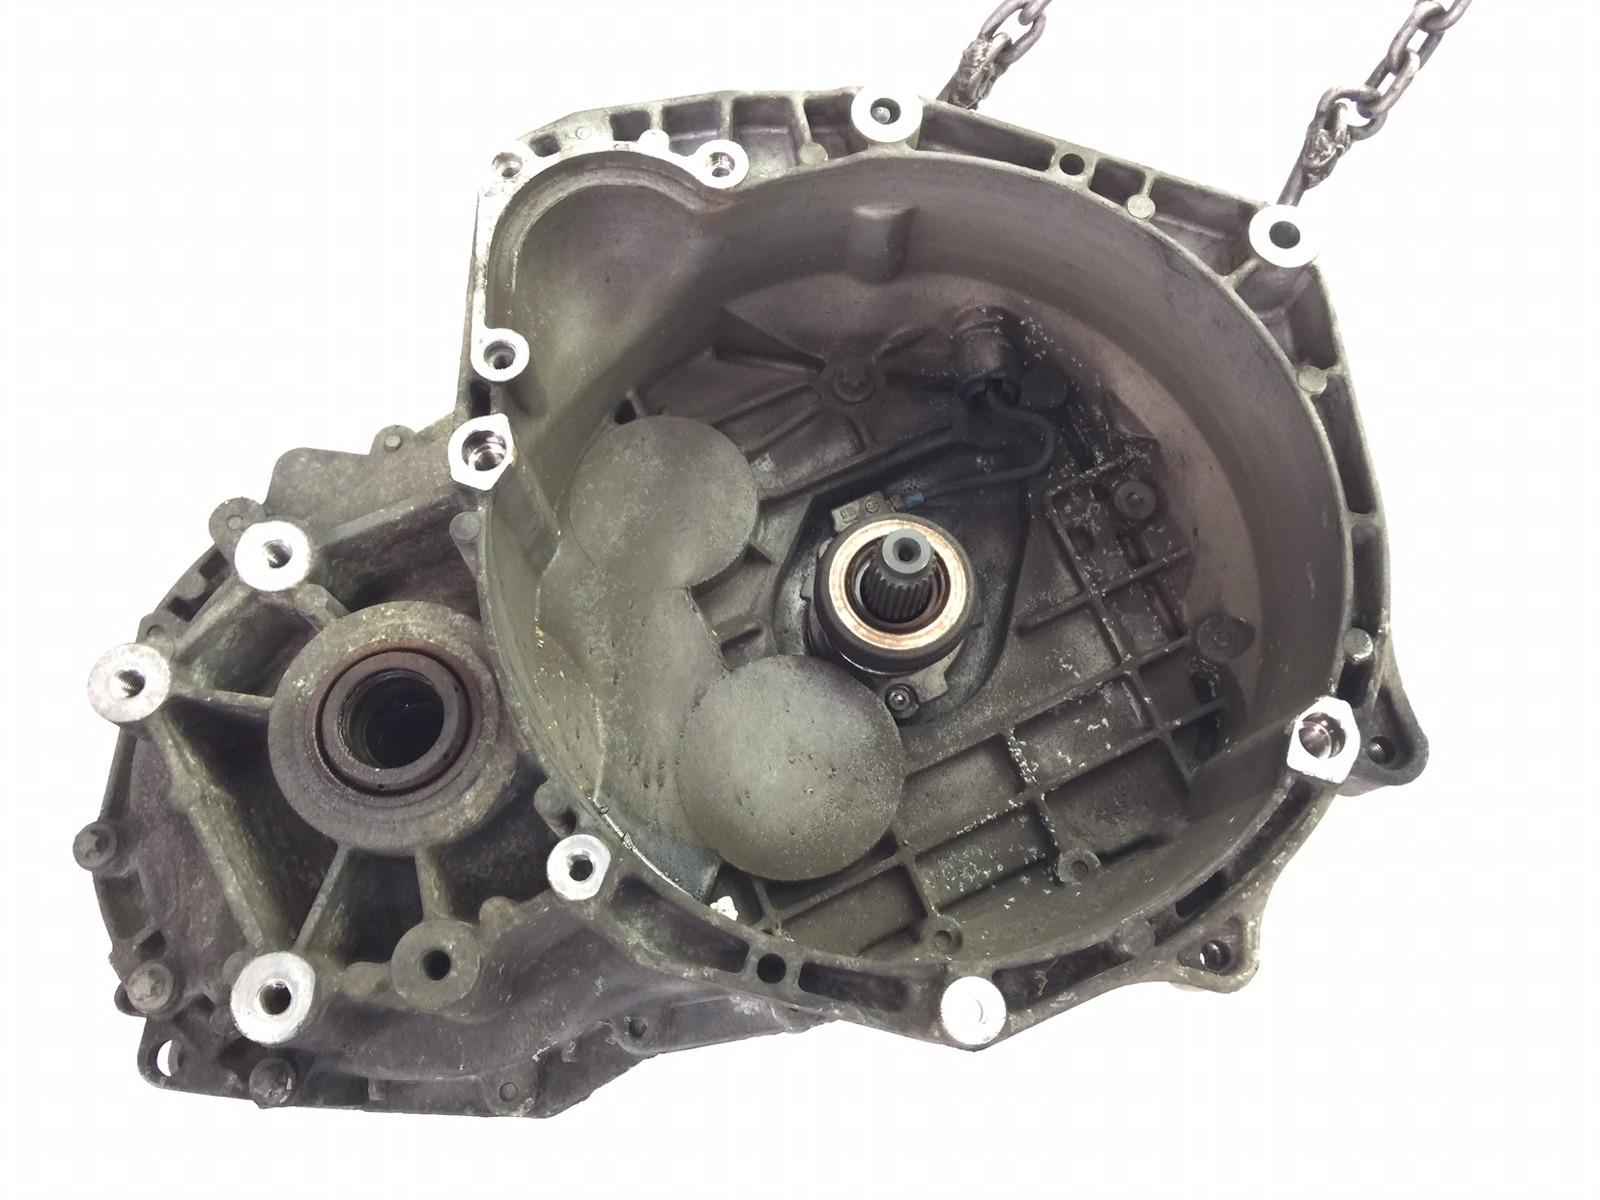 Кпп механическая (мкпп) Saab 9-3 1.9 TID 2008 (б/у)